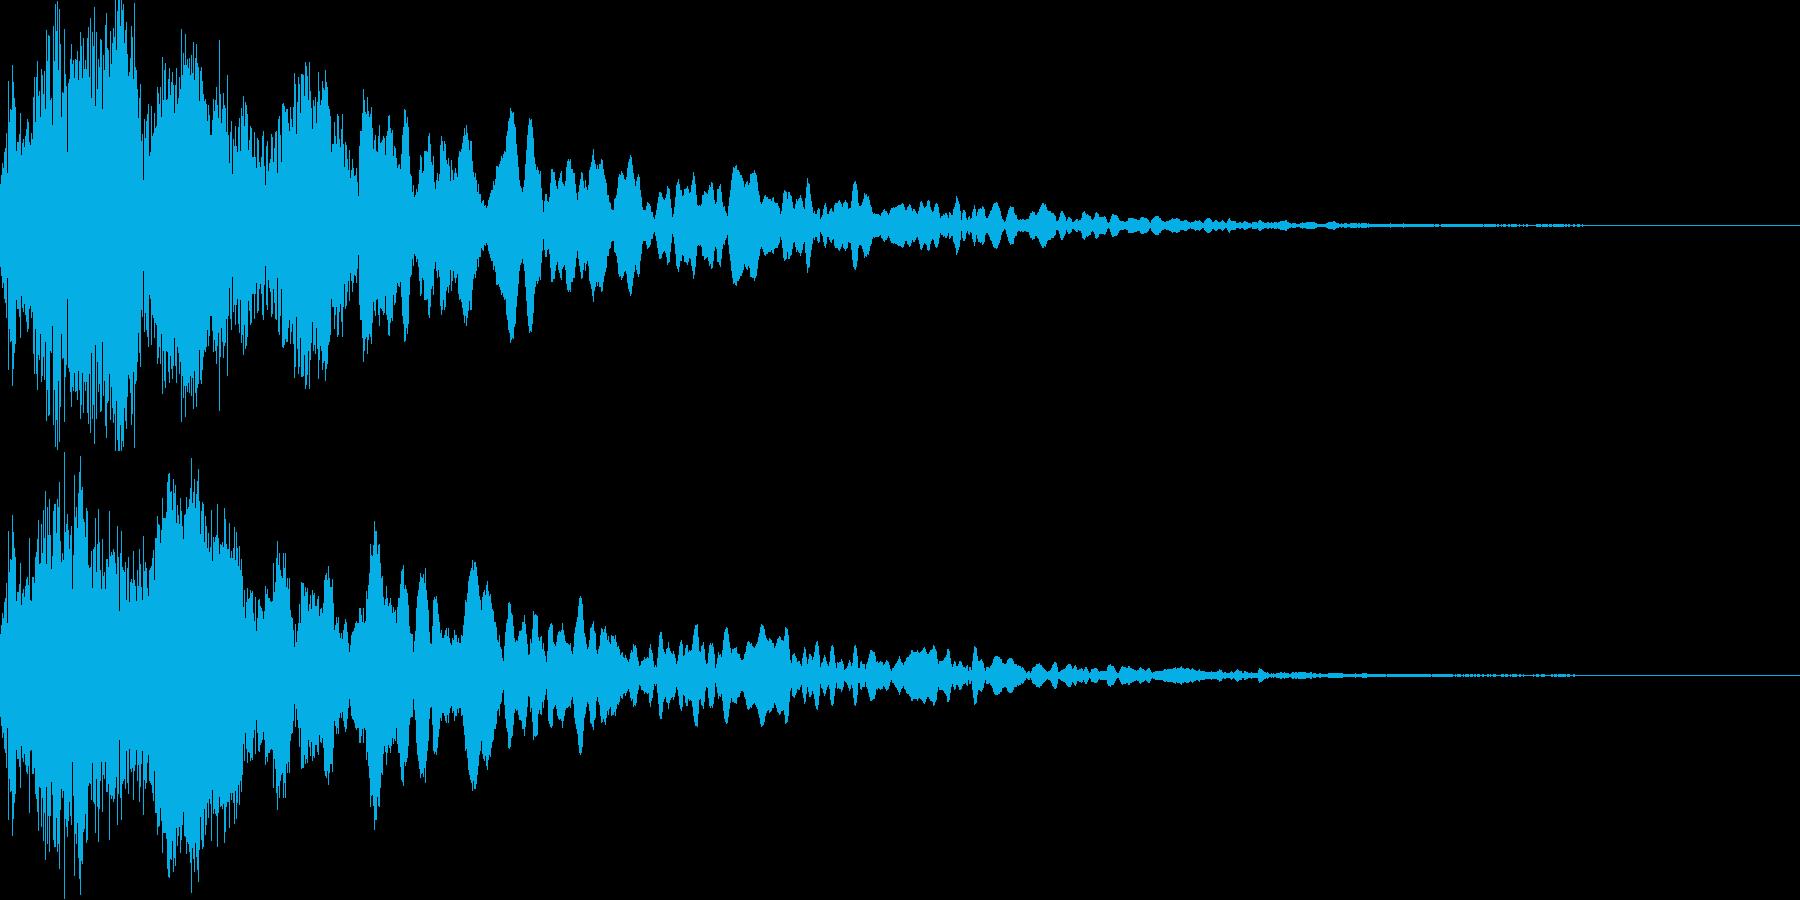 シャキーン!(ガキーン!)インパクト音の再生済みの波形